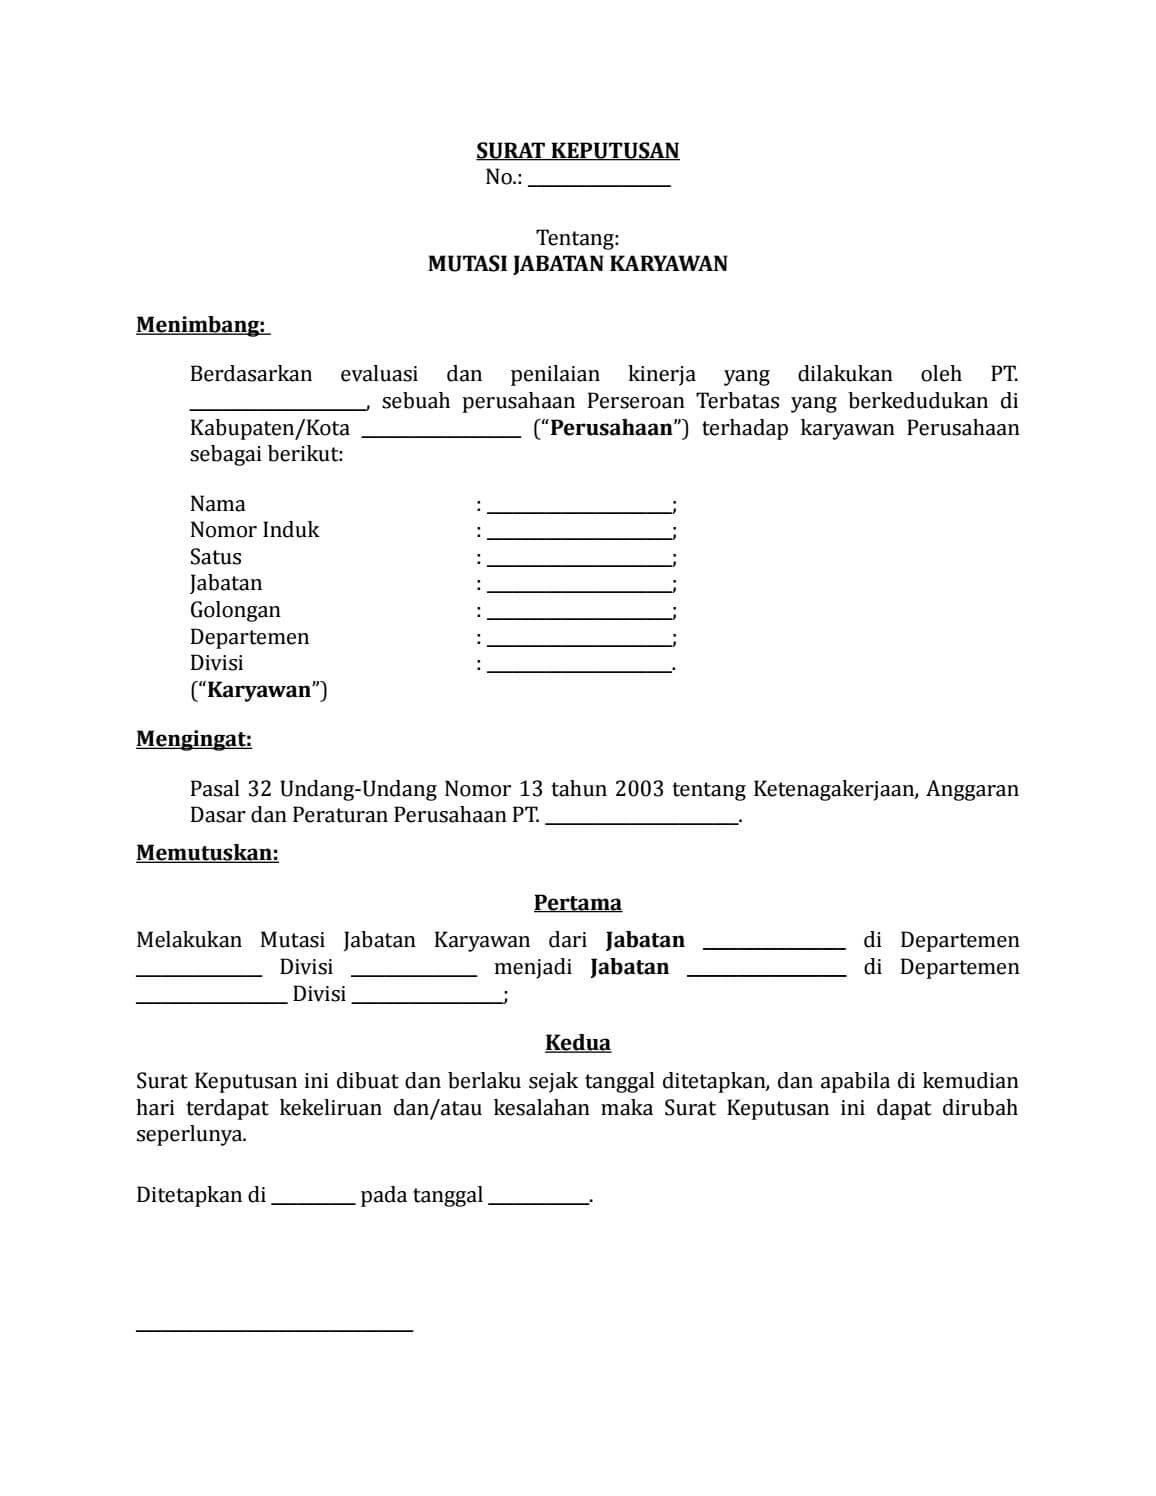 Contoh Surat Rolling Karyawan Swasta